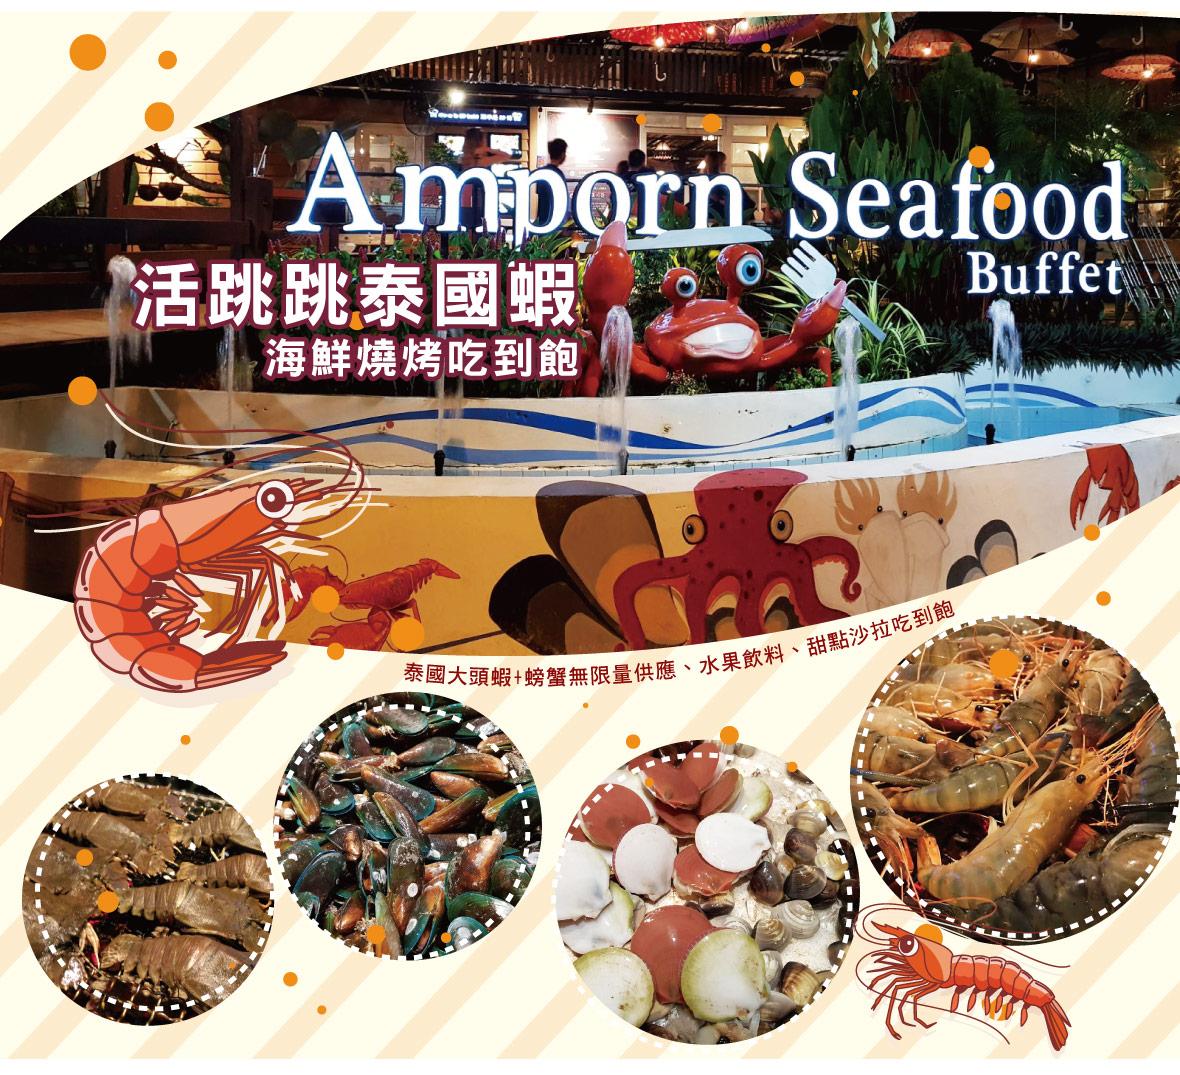 AMPORN海鮮燒烤吃到飽 軟性飲料喝到飽